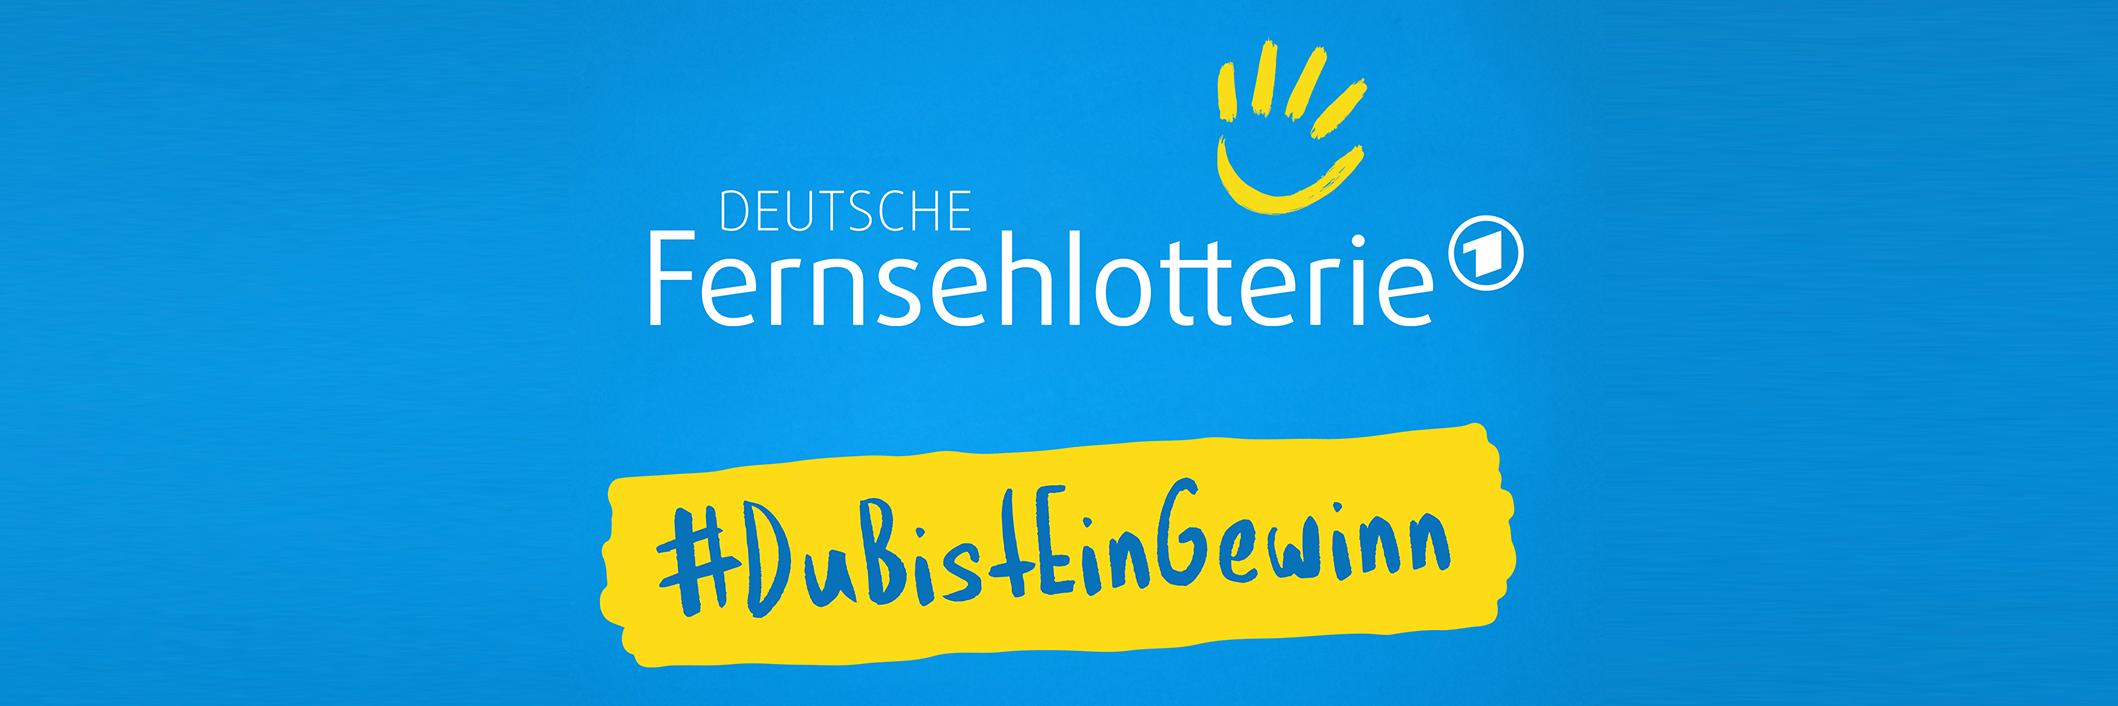 Deutsche Fernsehlotterie GmbH